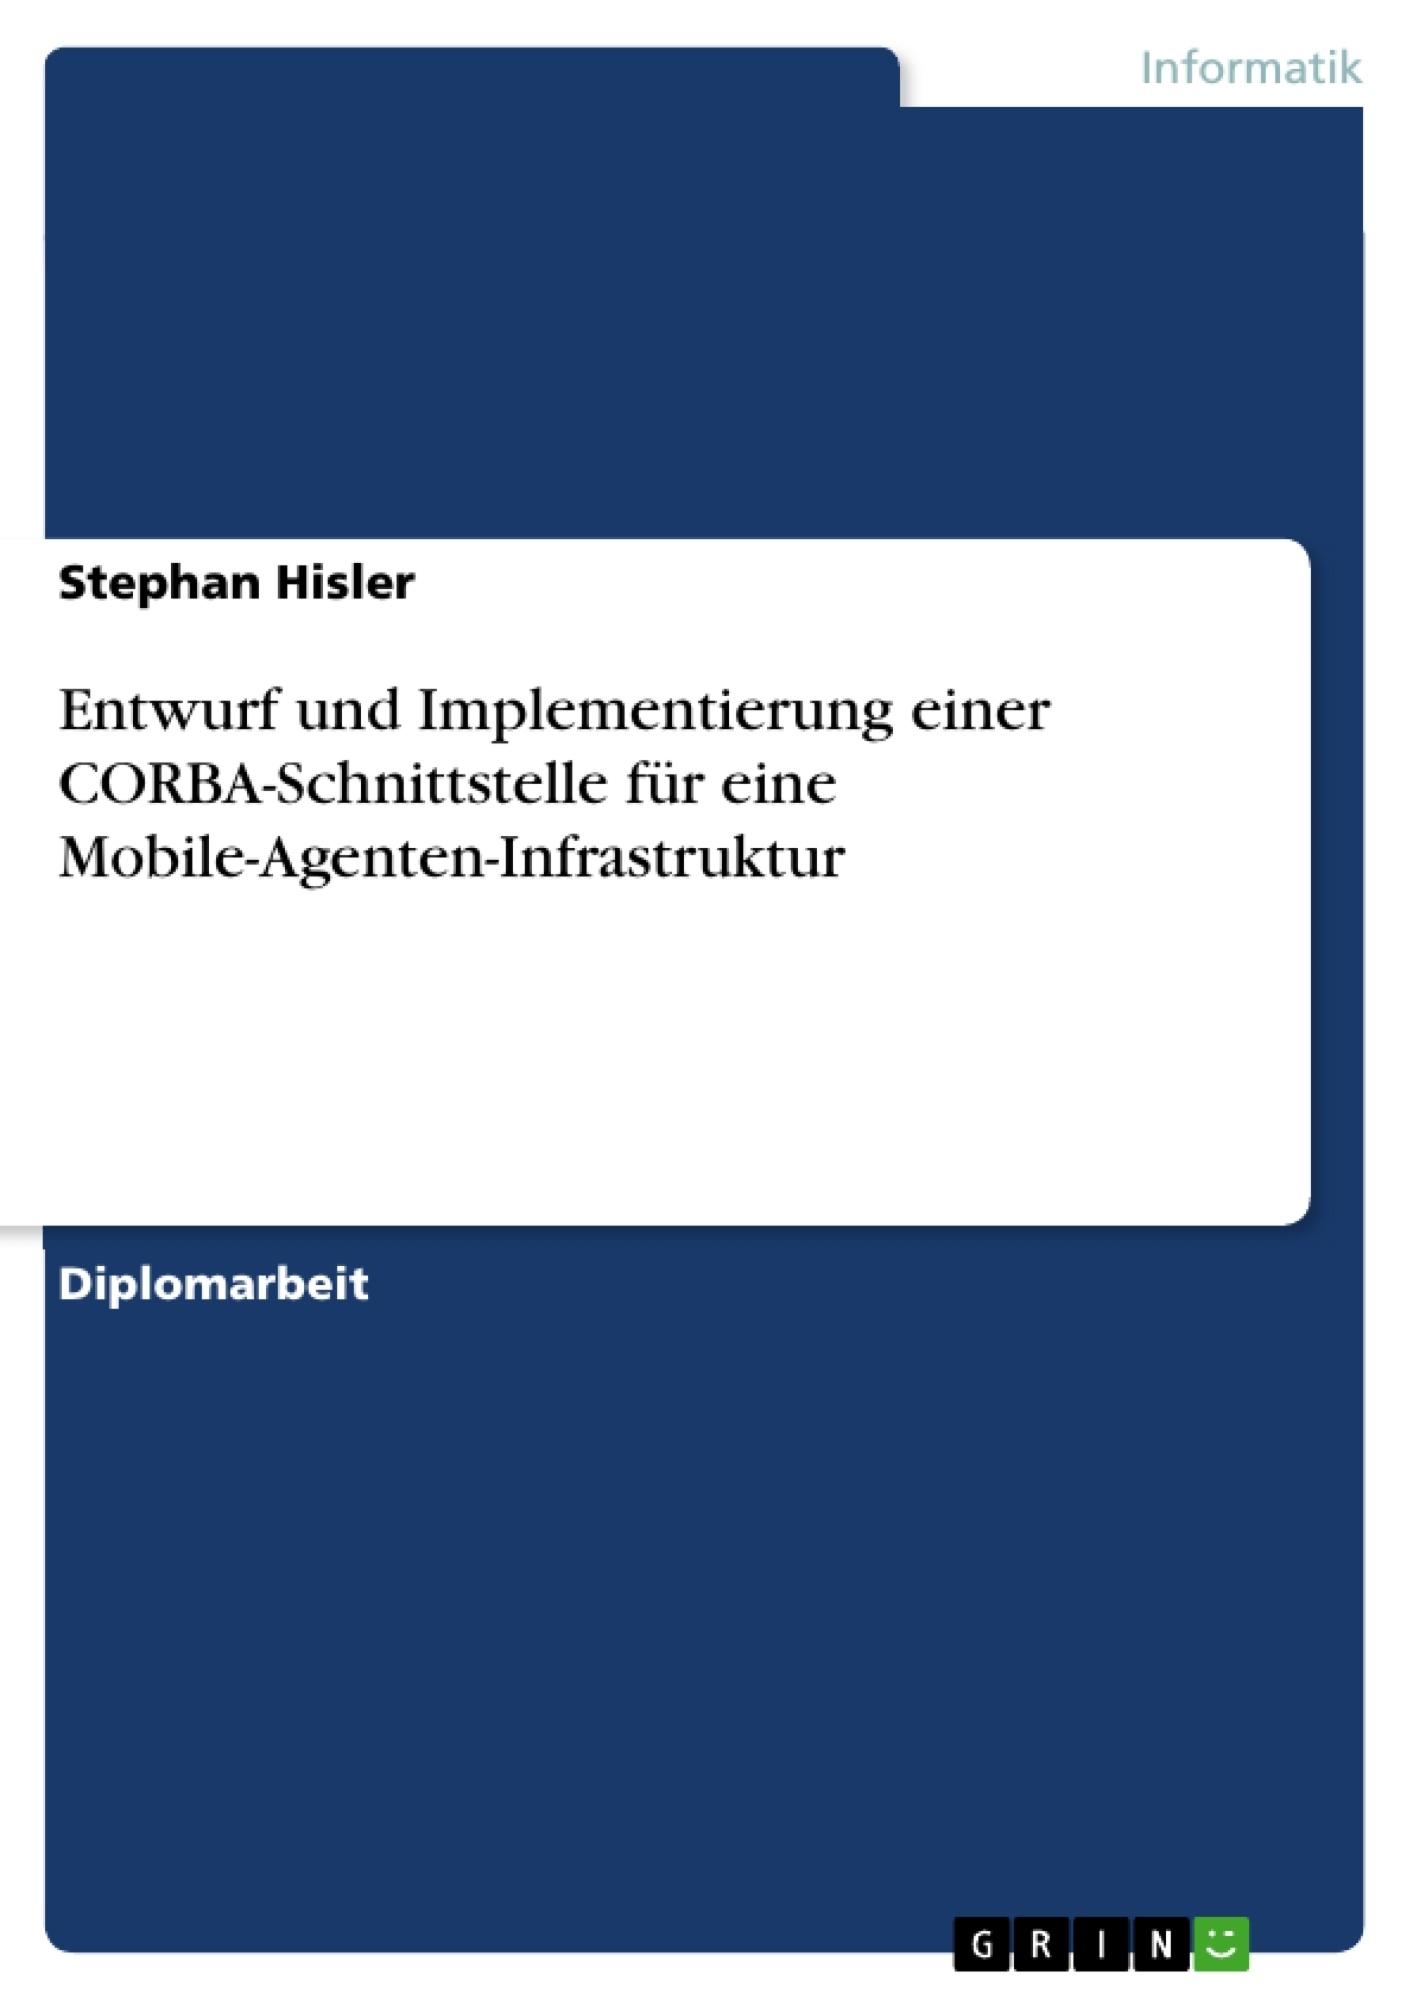 Titel: Entwurf und Implementierung einer CORBA-Schnittstelle für eine Mobile-Agenten-Infrastruktur